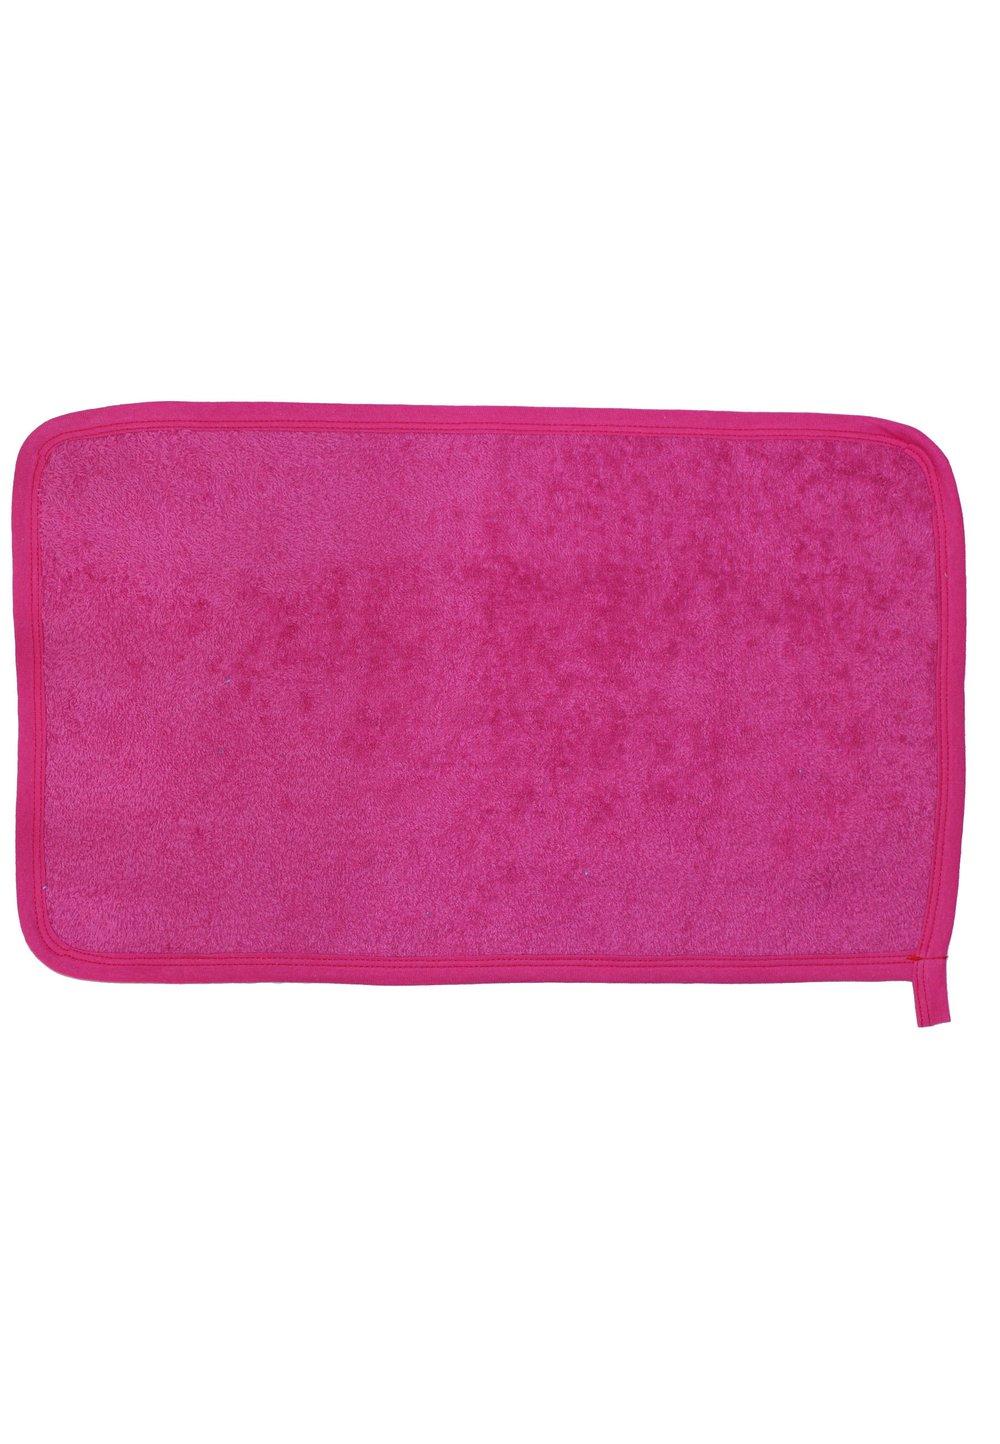 Prosop de maini, roz inchis, 30x50cm imagine